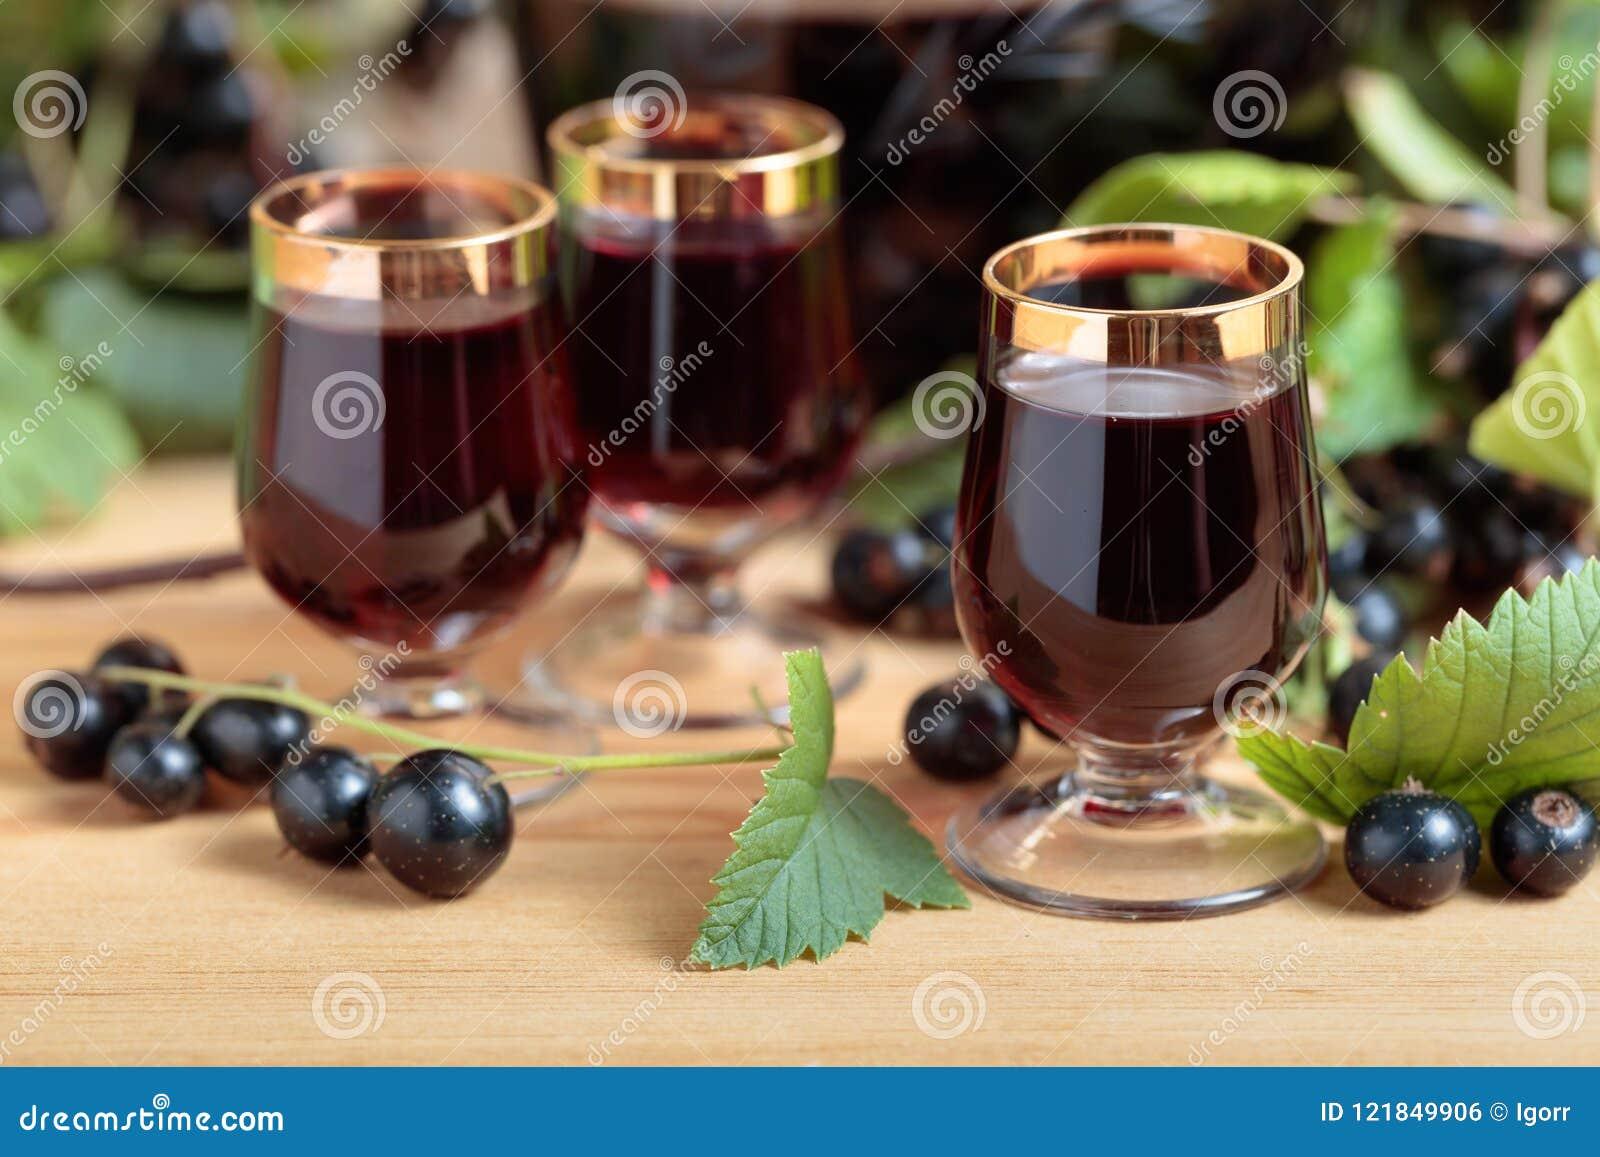 Hemlagad likör för svart vinbär och nya bär